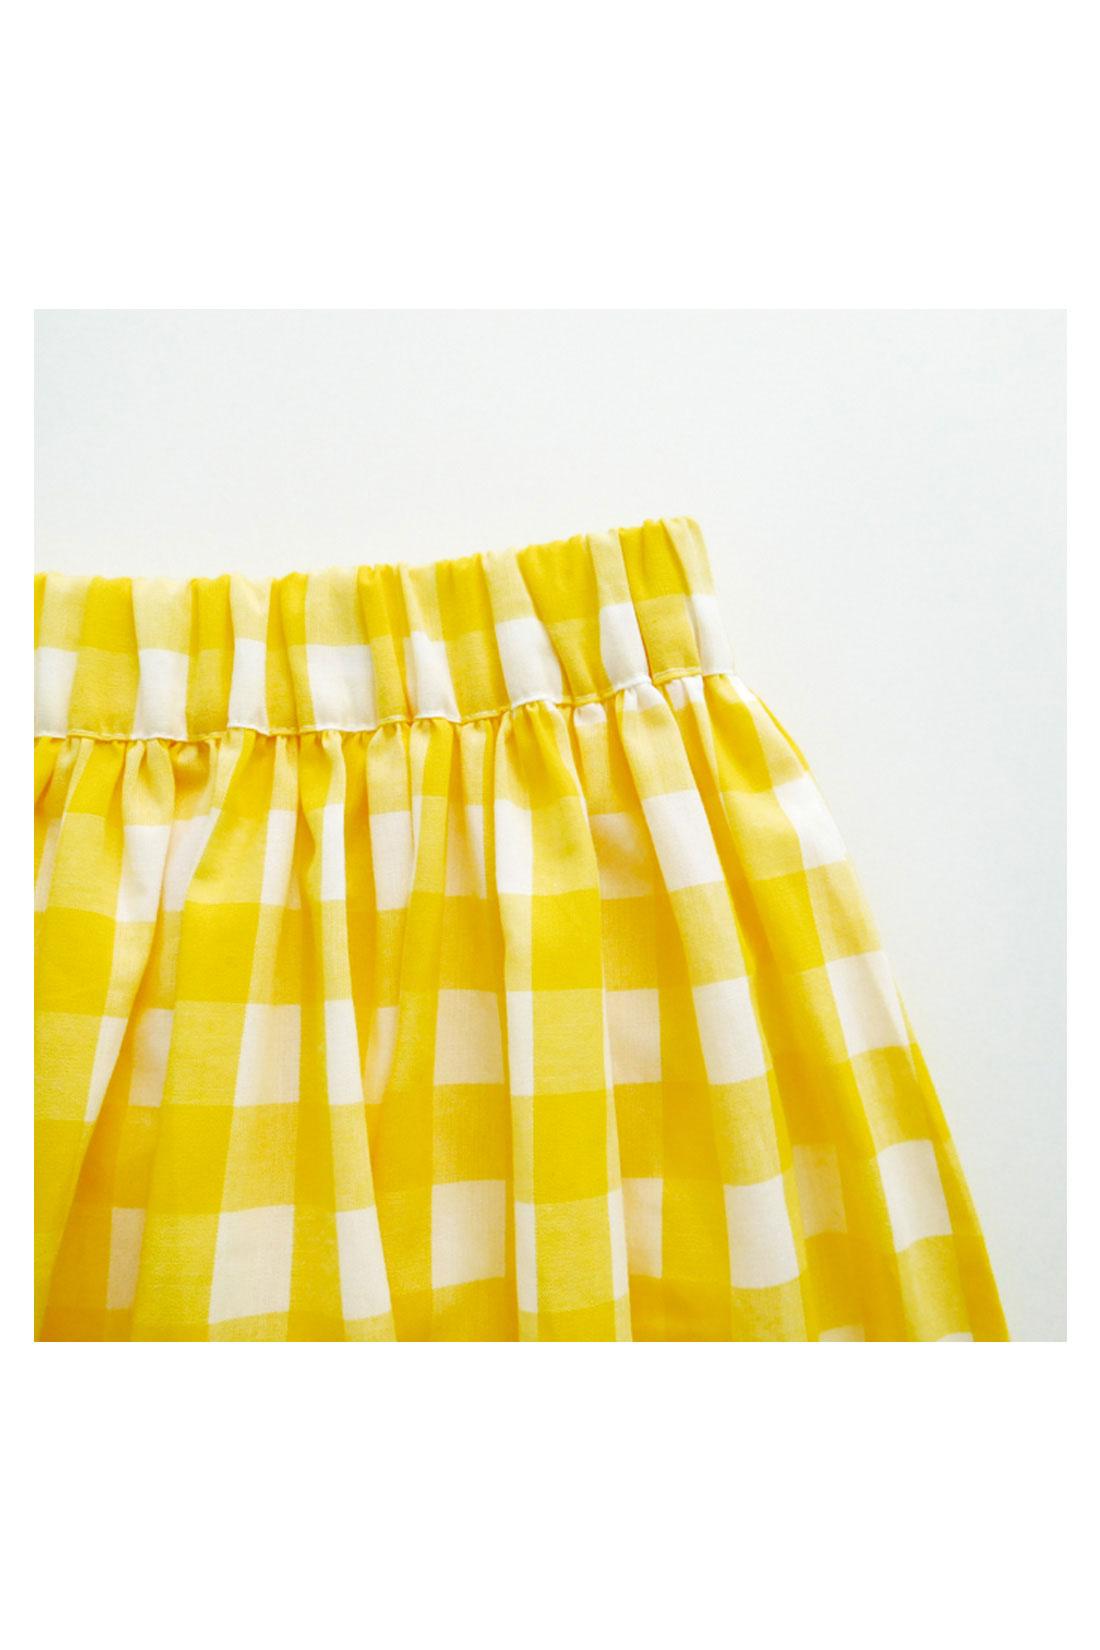 チェックのスカートは太めのゴム。チュールスカートは細めのゴムを使っています。